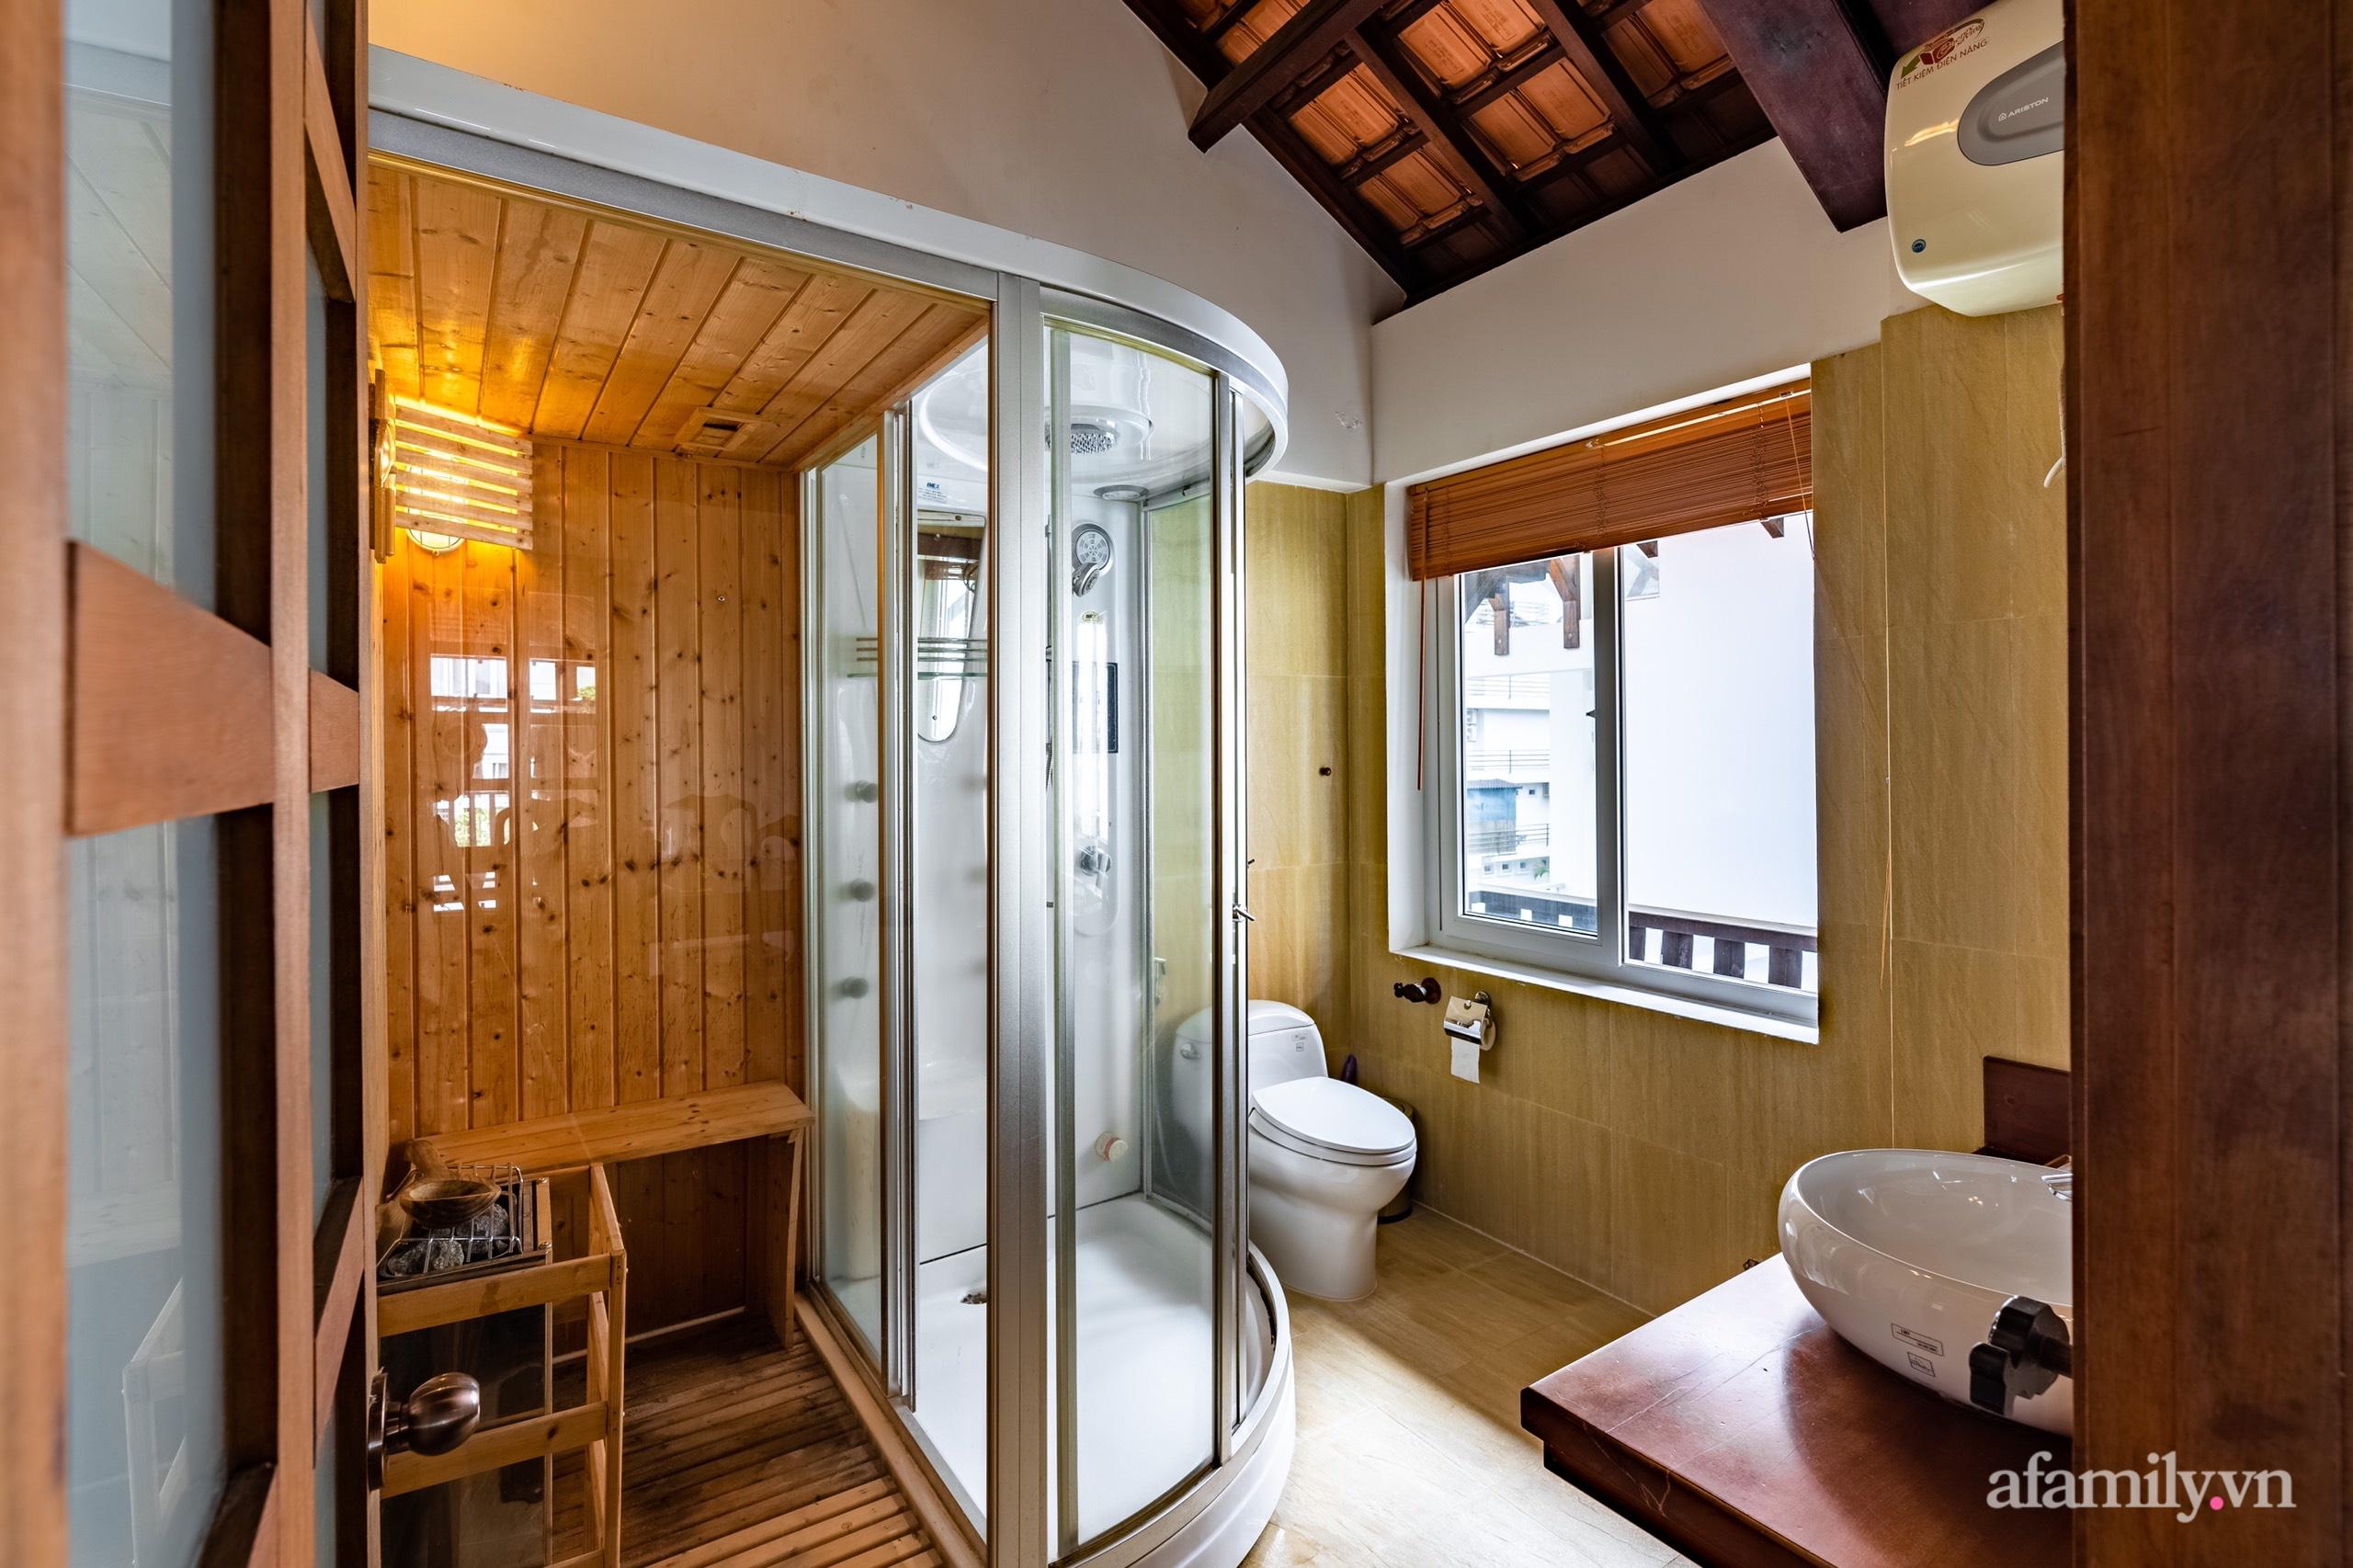 Căn nhà vườn xây 10 năm vẫn đẹp hút mắt với nội thất gỗ và cây xanh quanh nhà ở Nha Trang-22